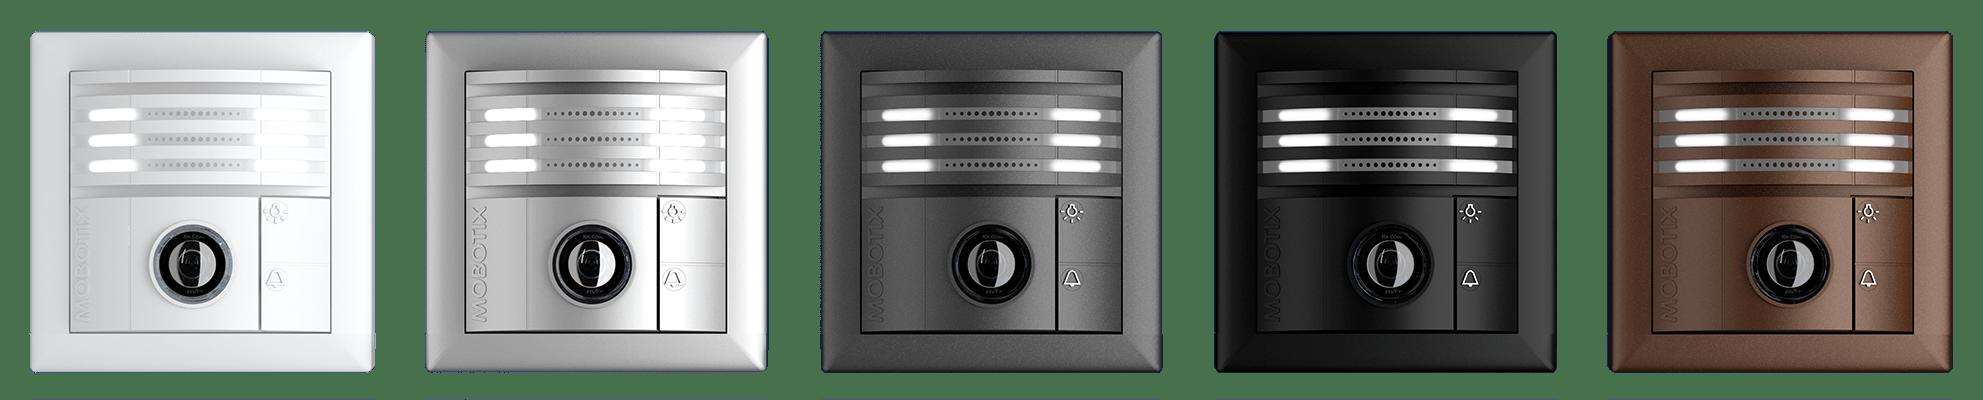 Mobotix T25 Ip Video Door Station Ecl Ips